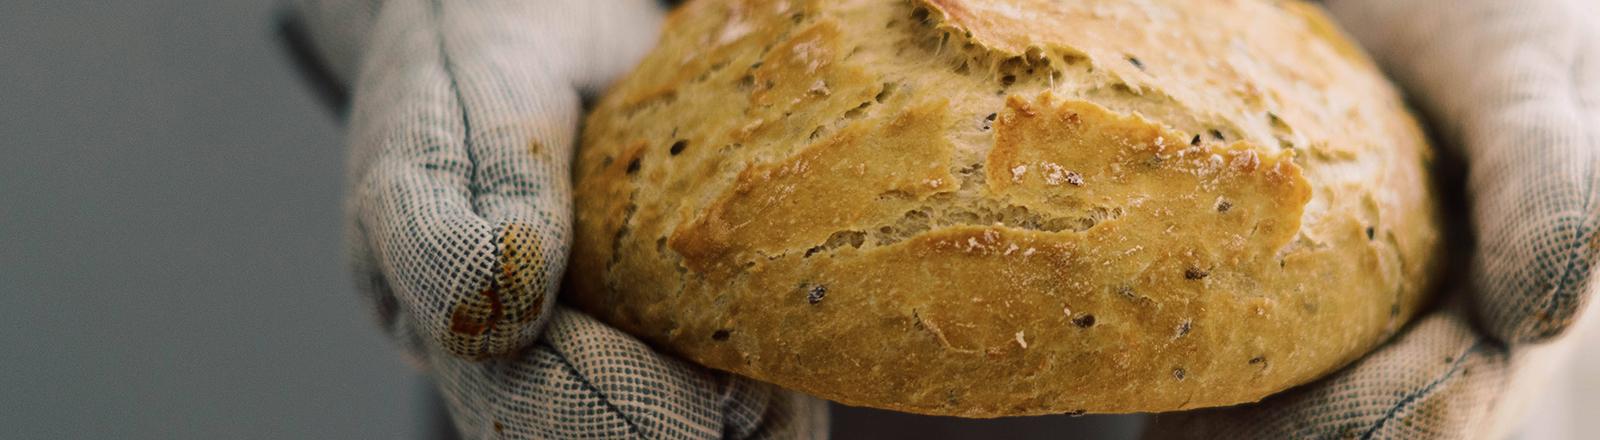 Ein Brot wird in den Händen gehalten